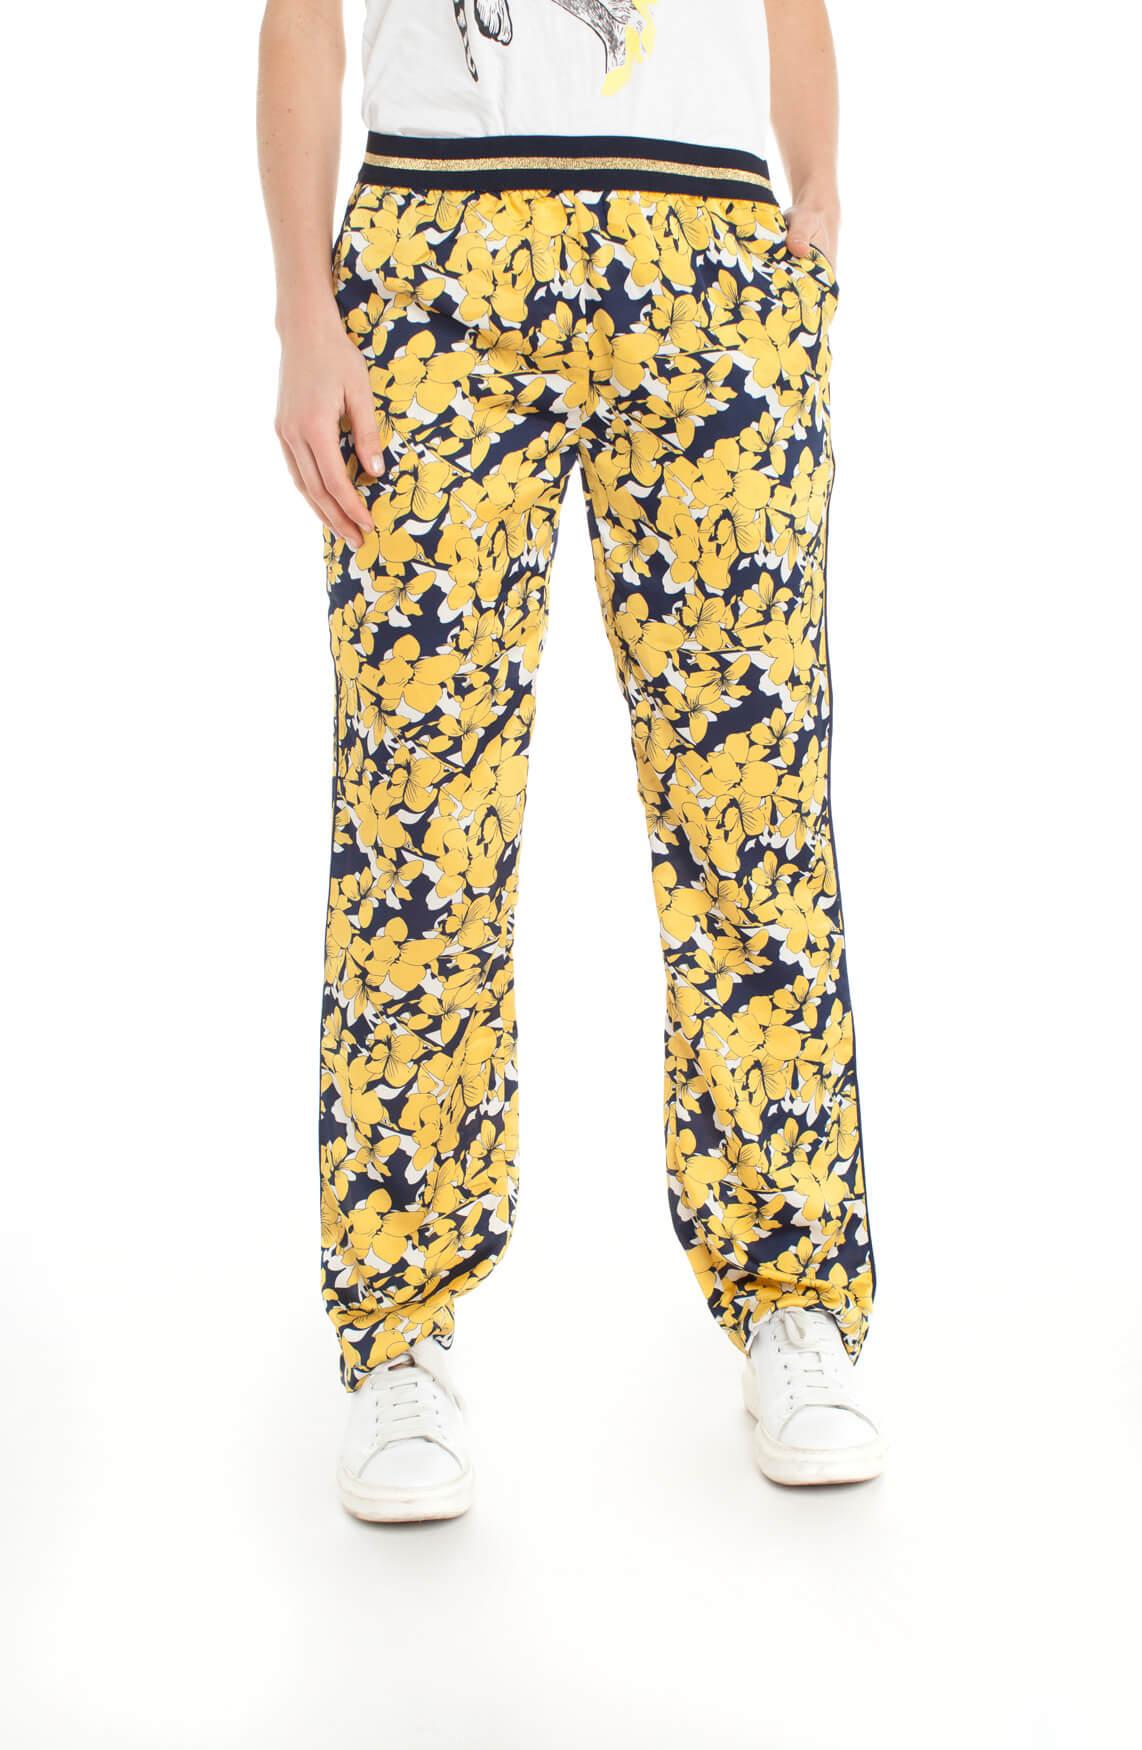 Lollys Laundry Dames Haven gebloemde broek geel